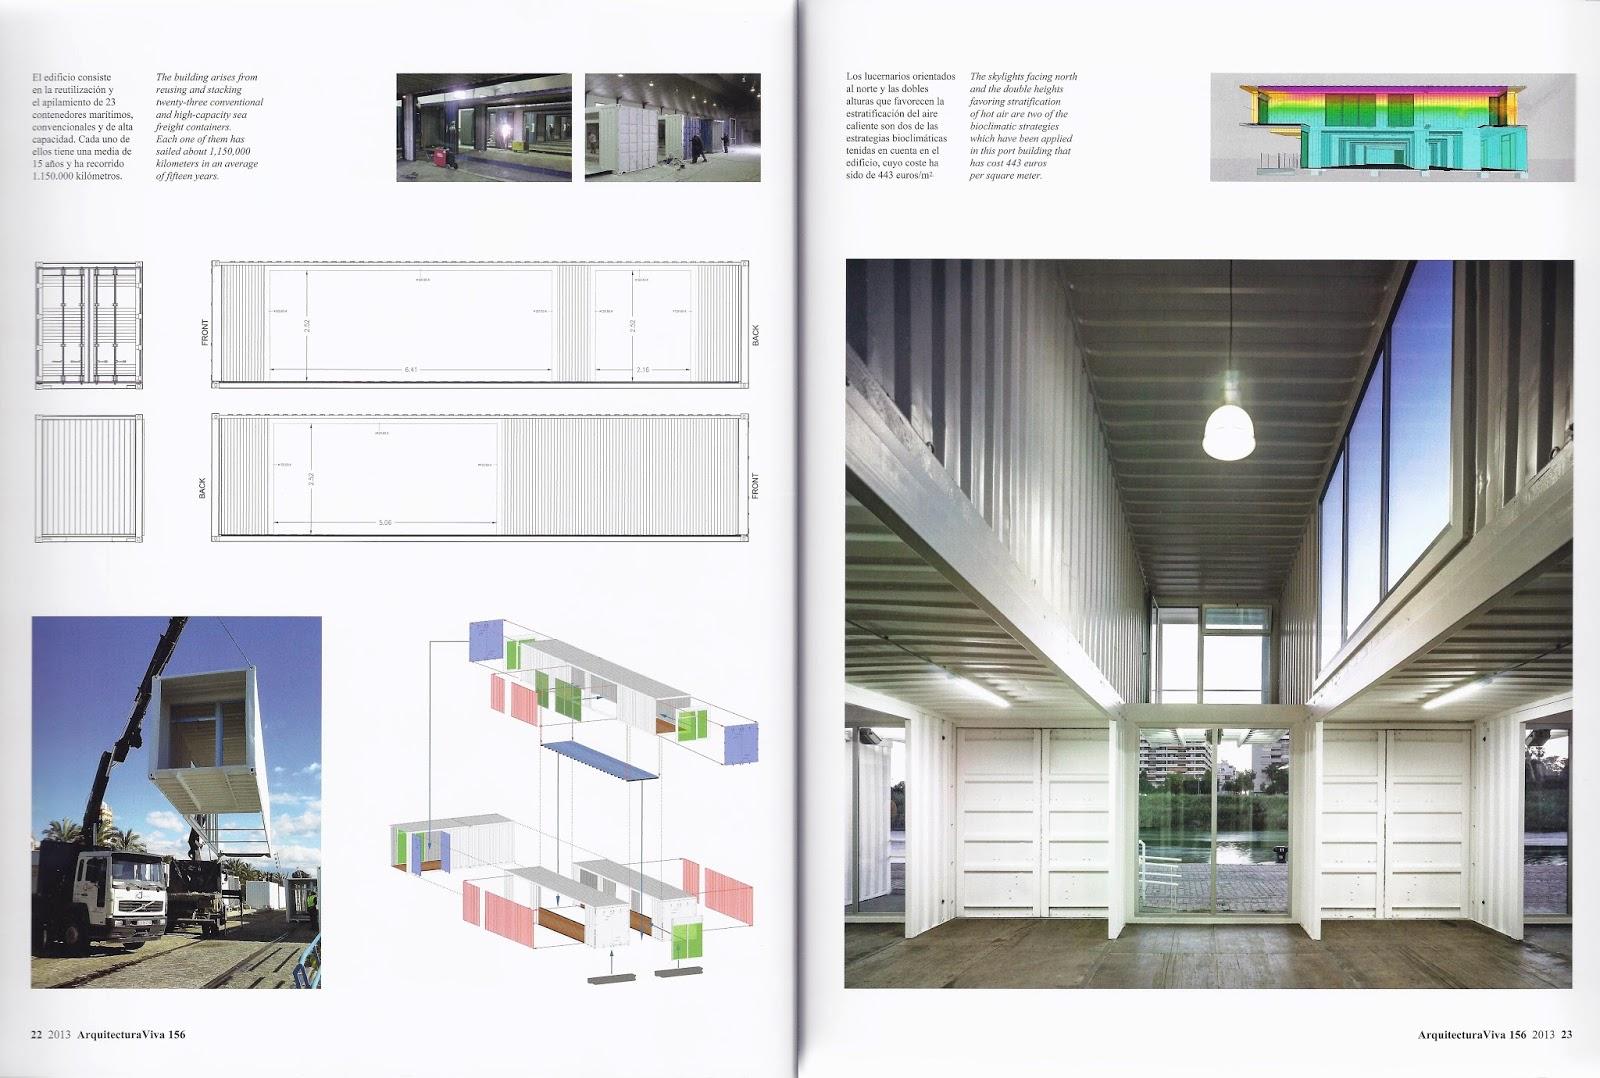 puedes consultar ms informacin sobre la revista aqu industry builds arquitectura viva revistas de arquitectura - Arquitecturaviva